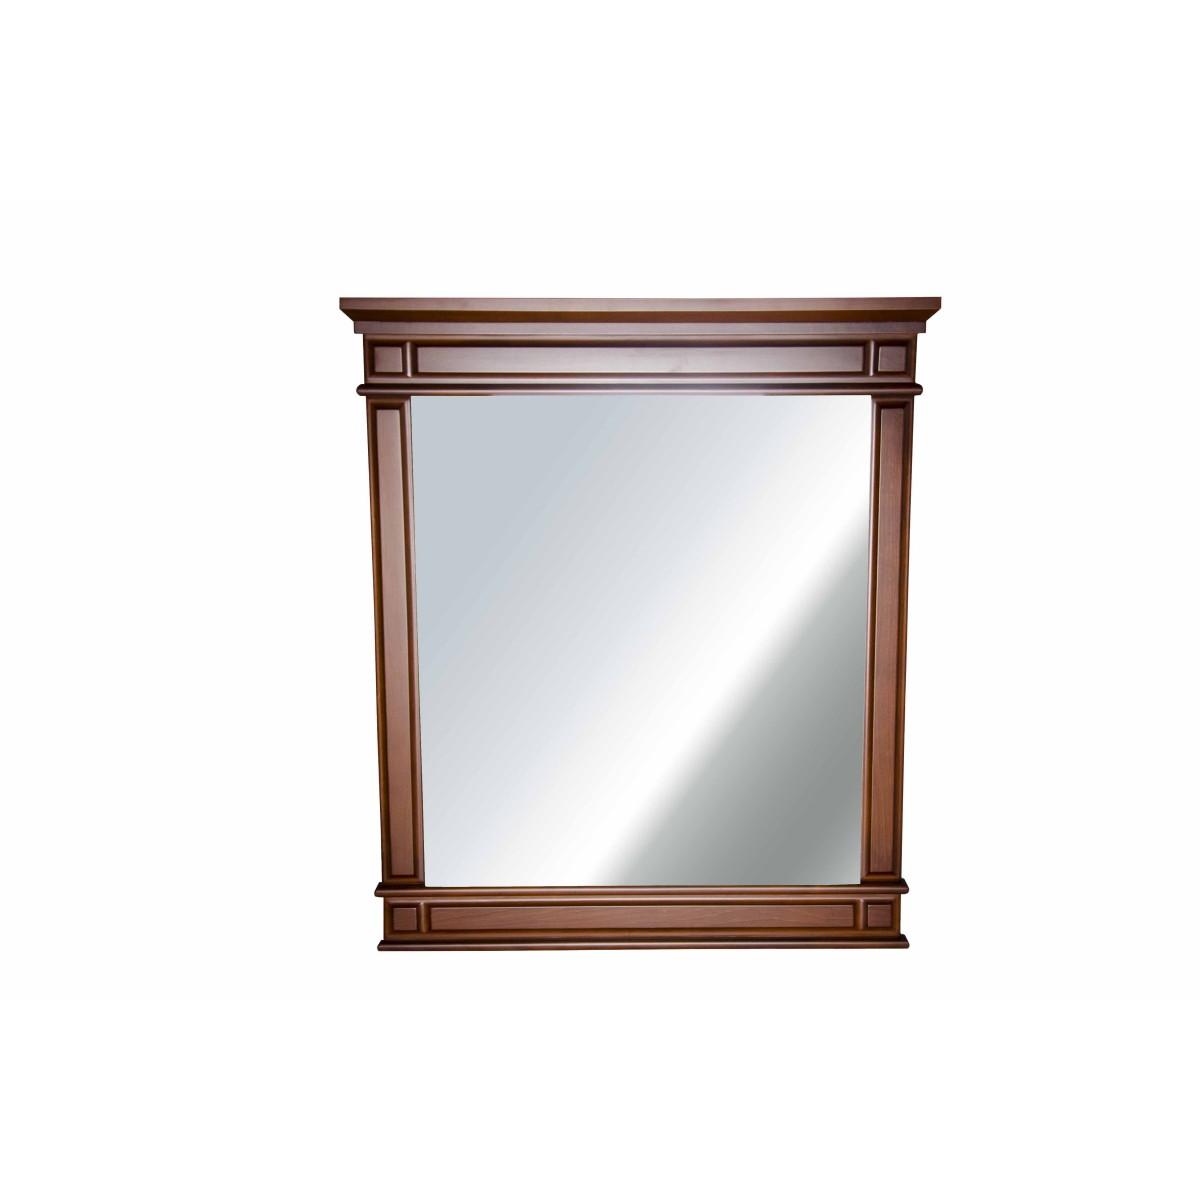 Зеркало KairoНастенные зеркала<br>&amp;lt;span style=&amp;quot;line-height: 24.9999px; background-color: rgb(245, 245, 245);&amp;quot;&amp;gt;Всем известно, что зеркала давно перестали носить исключительно функциональную направленность, сегодня настенное зеркало Grand может стать отличным украшением Вашего интерьера, с помощью которого Вы сможете визуально увеличить пространство&amp;lt;/span&amp;gt;<br><br>Material: Дерево<br>Length см: None<br>Width см: 102,5<br>Depth см: 4<br>Height см: 113